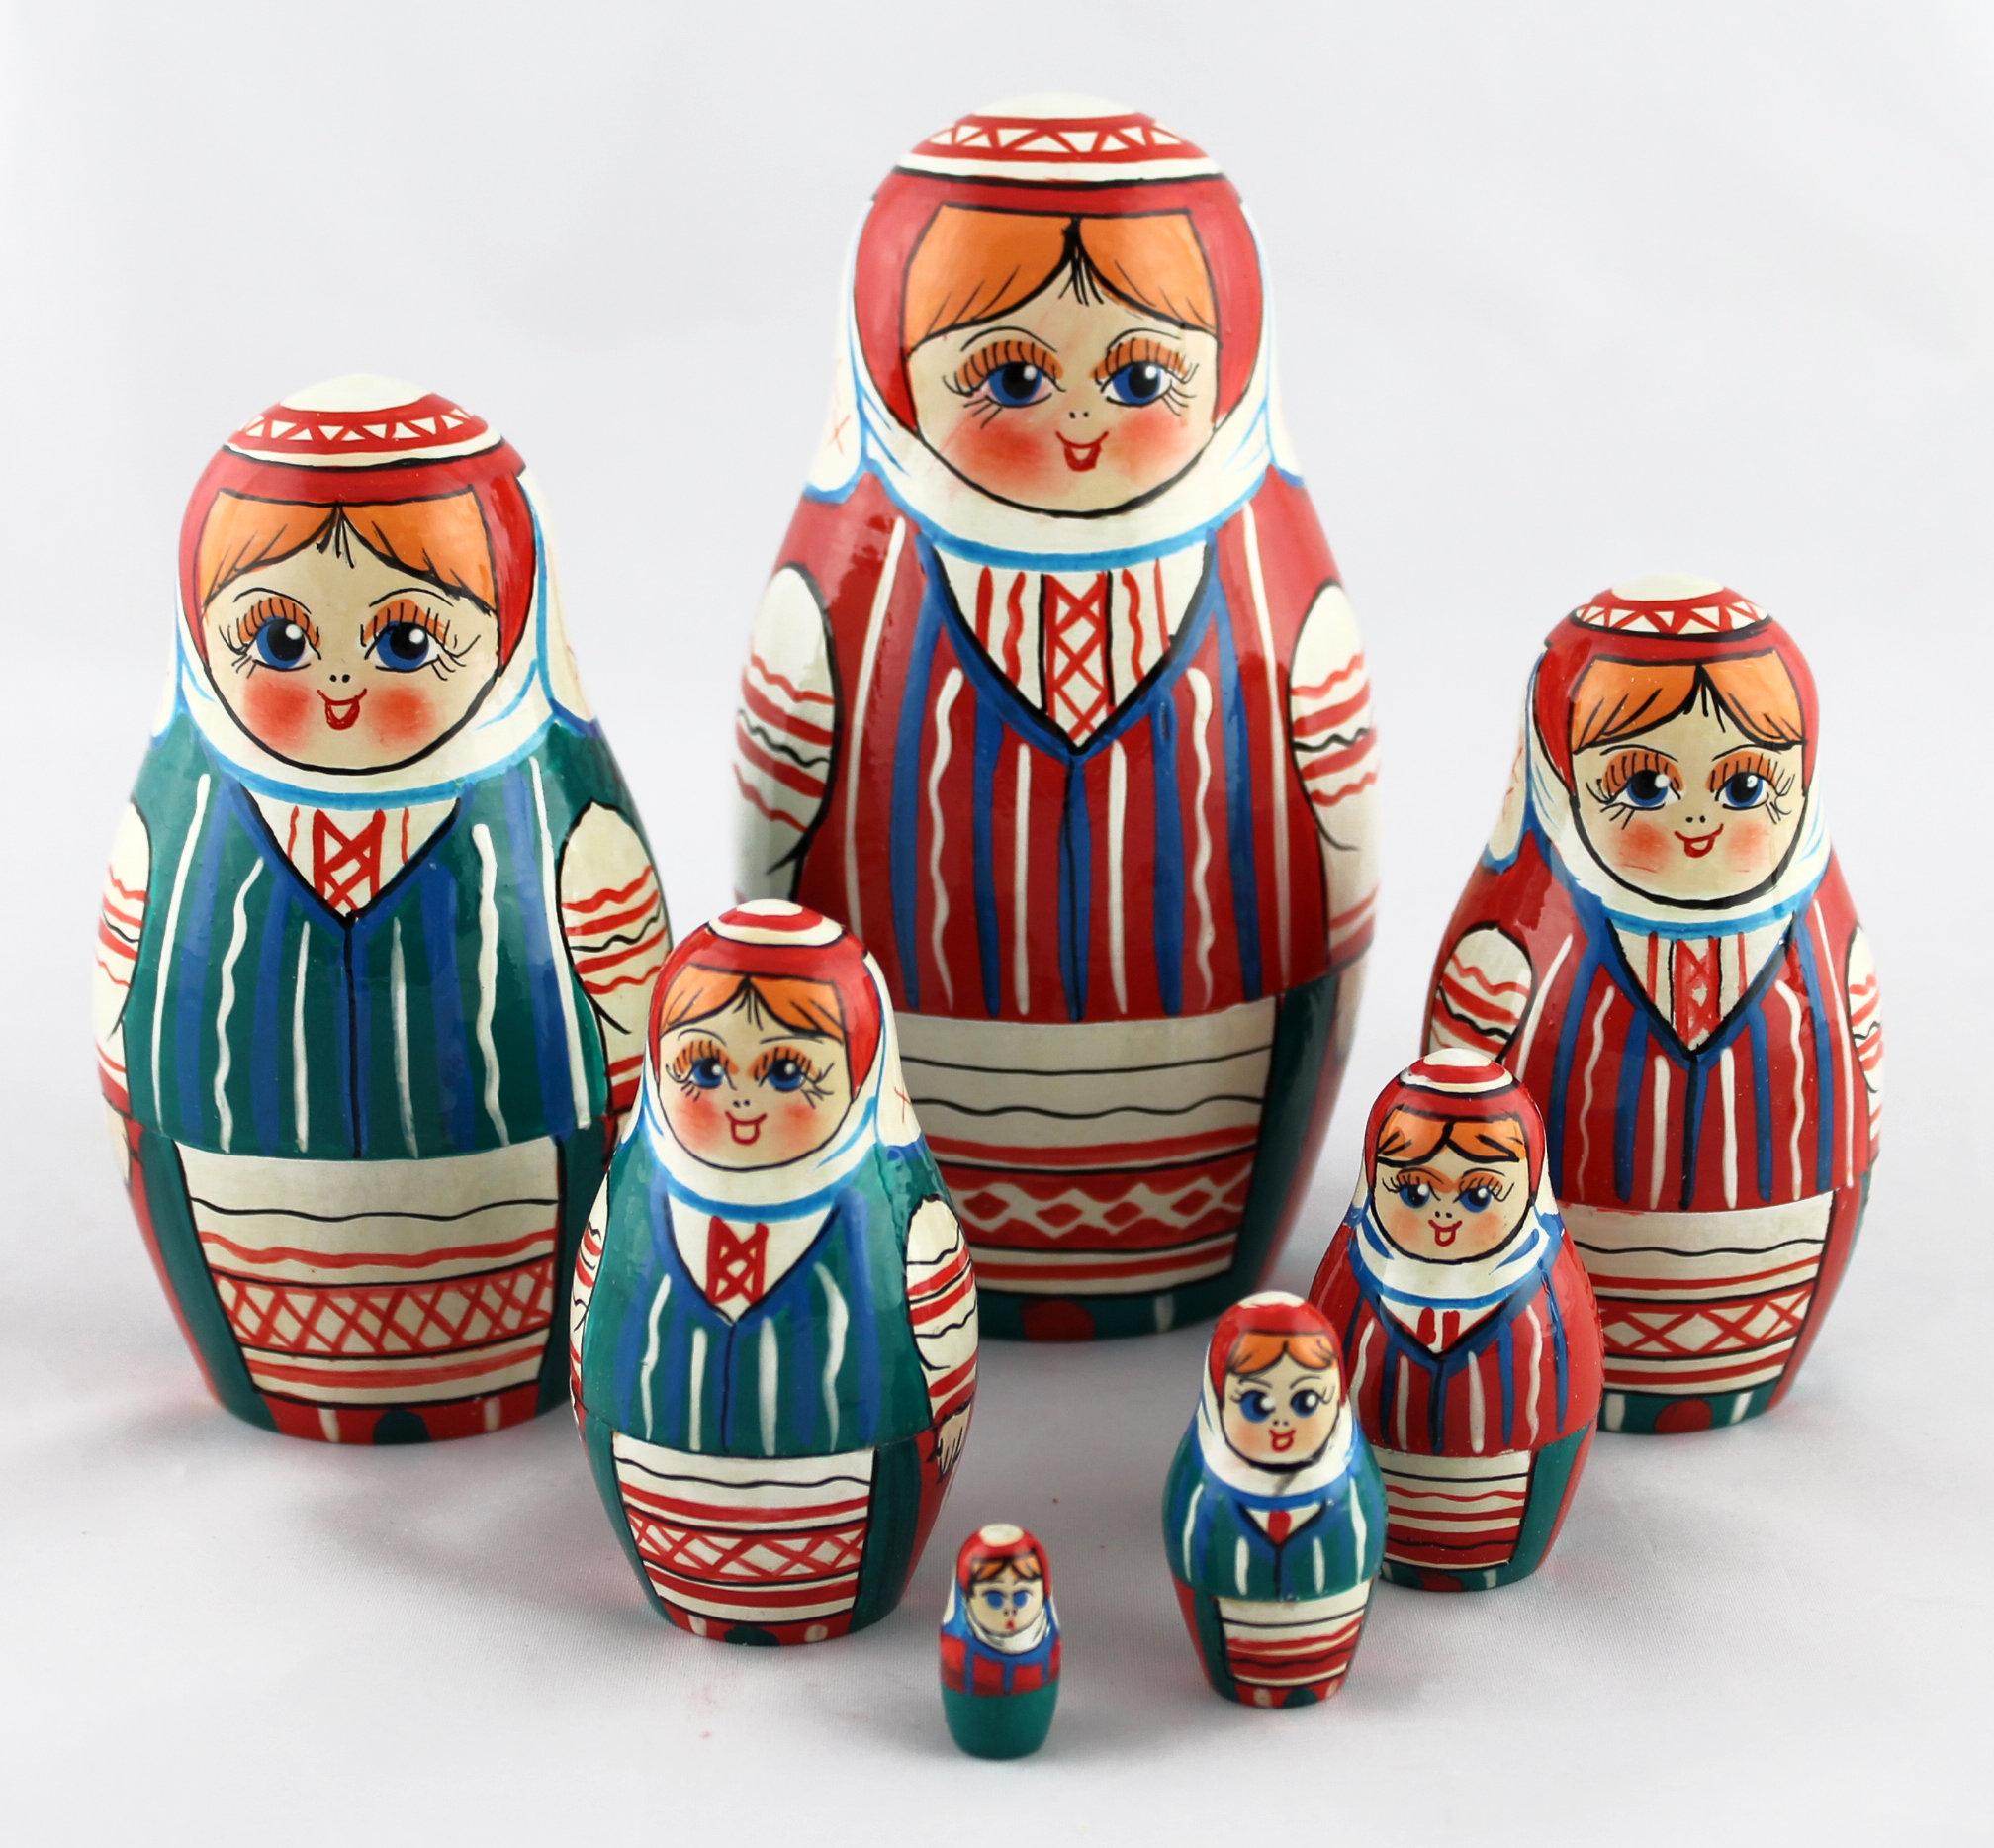 belarus nationalen kleidung handgemachte russische puppe matroschka 7pc eur deutsch. Black Bedroom Furniture Sets. Home Design Ideas